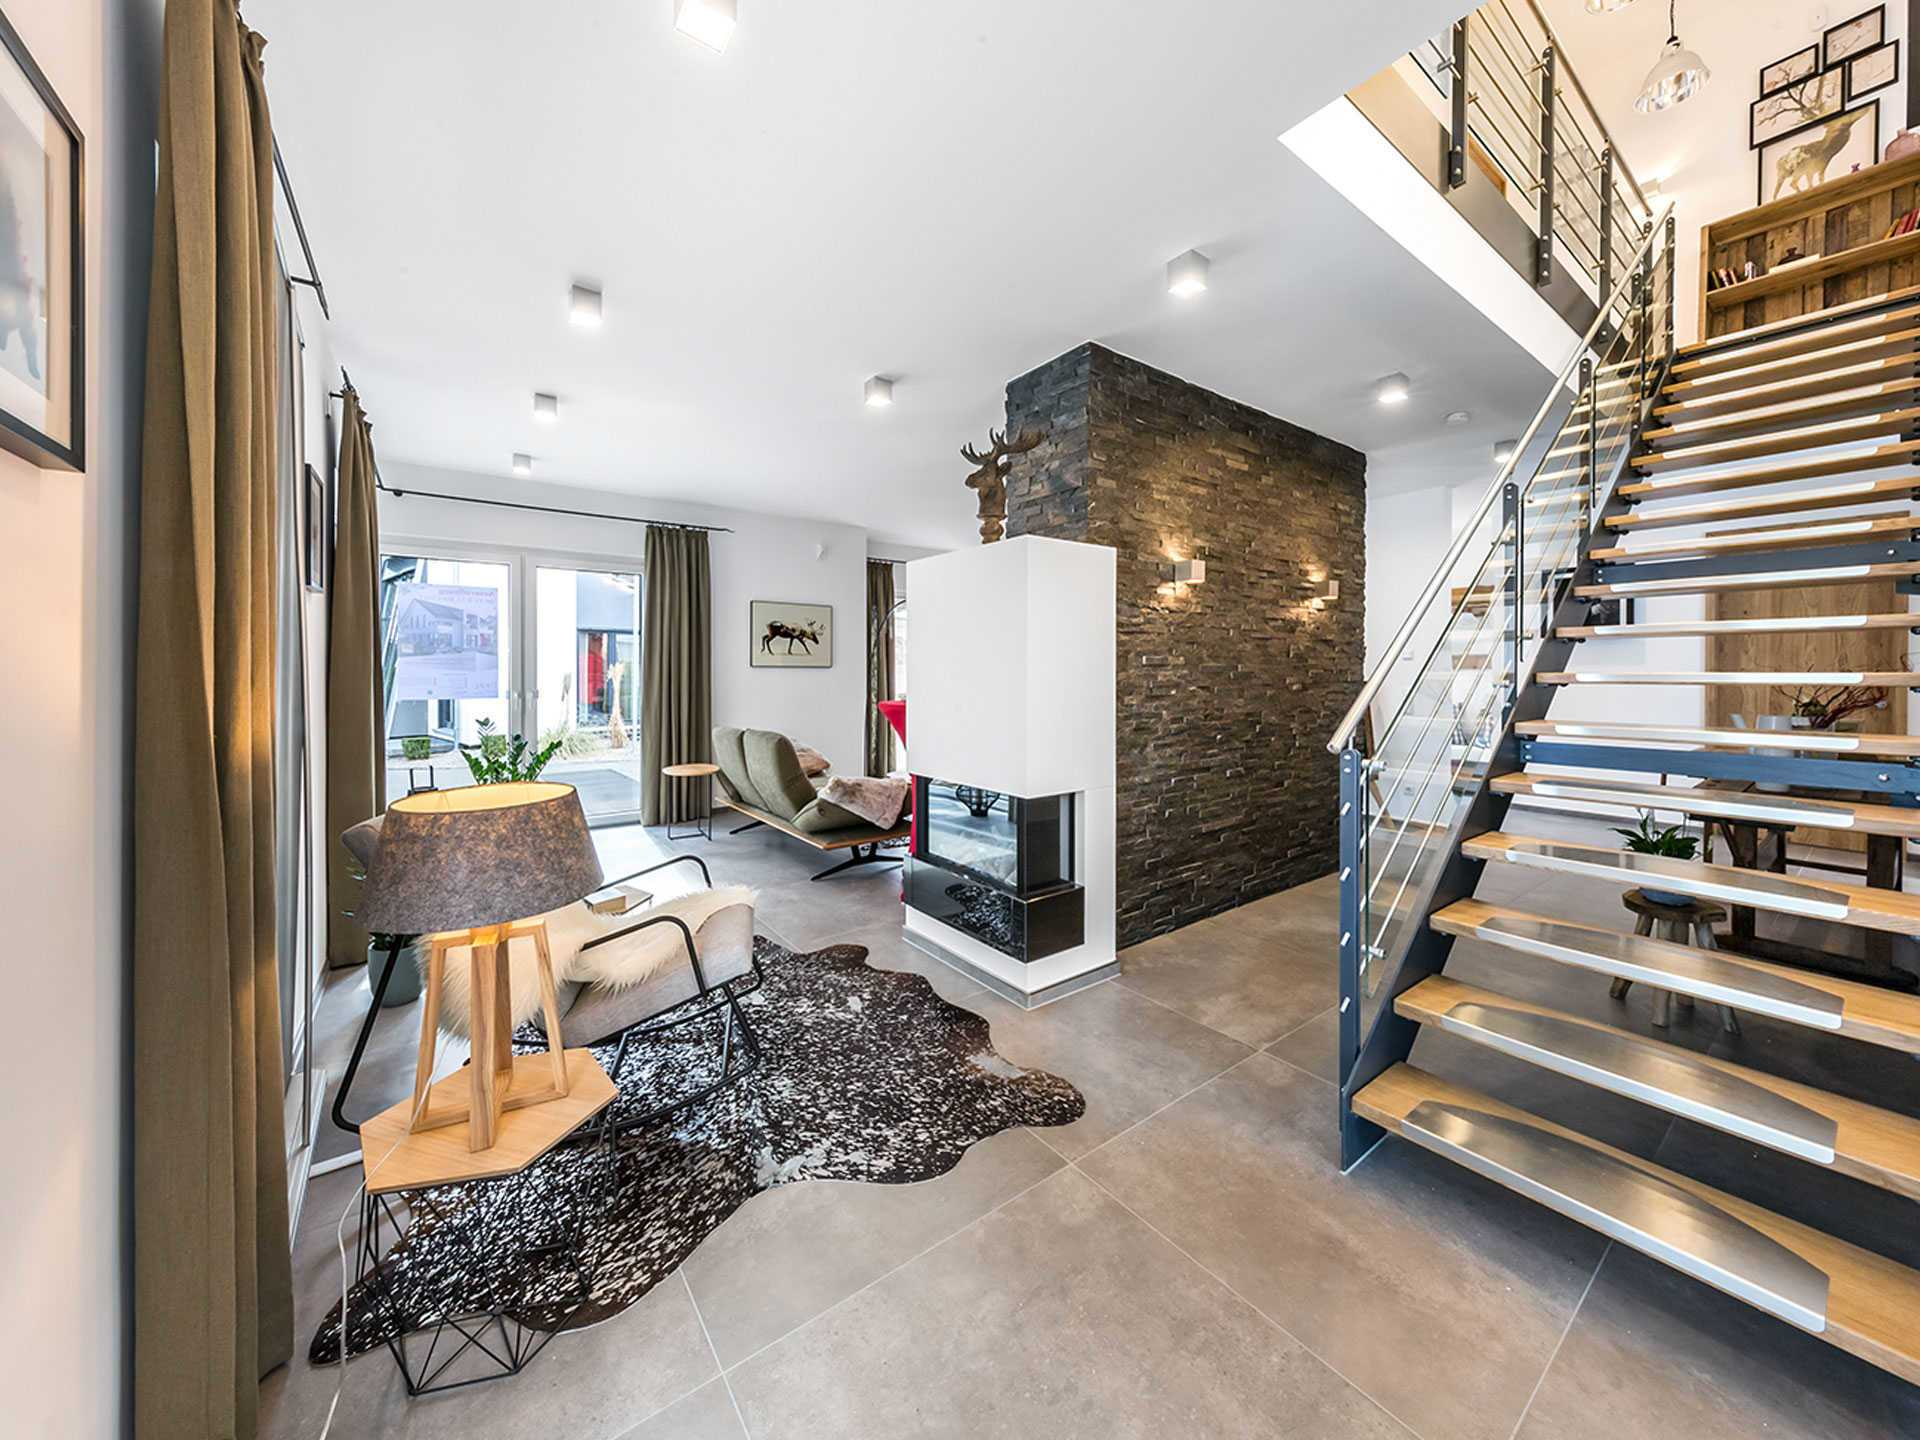 Musterhaus Fellbach mit Zwerchgiebel und Balkon - OKAL Haus ...